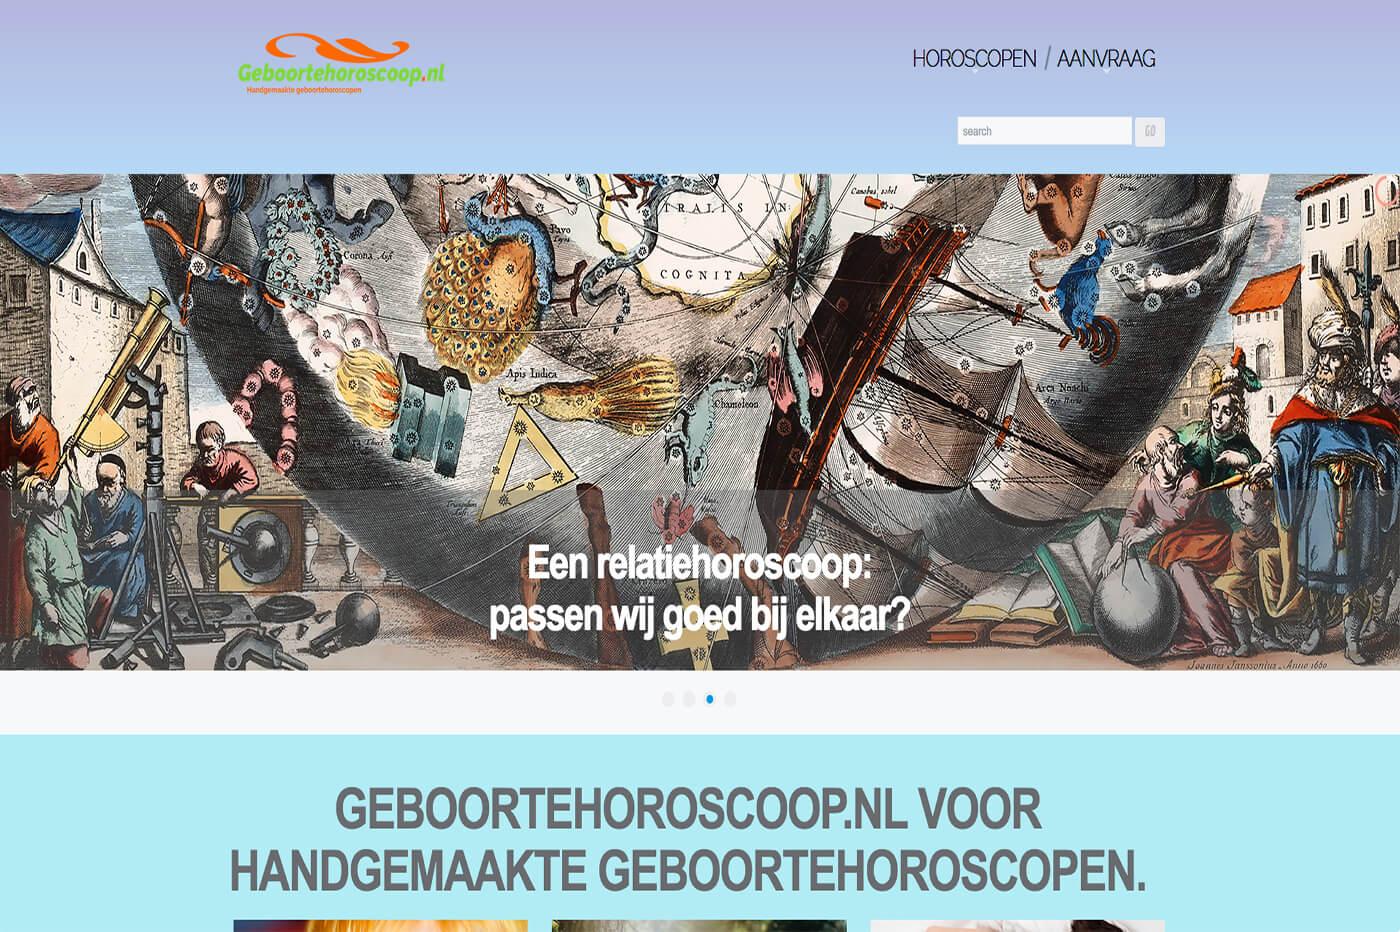 www.geboortehoroscoop.nl